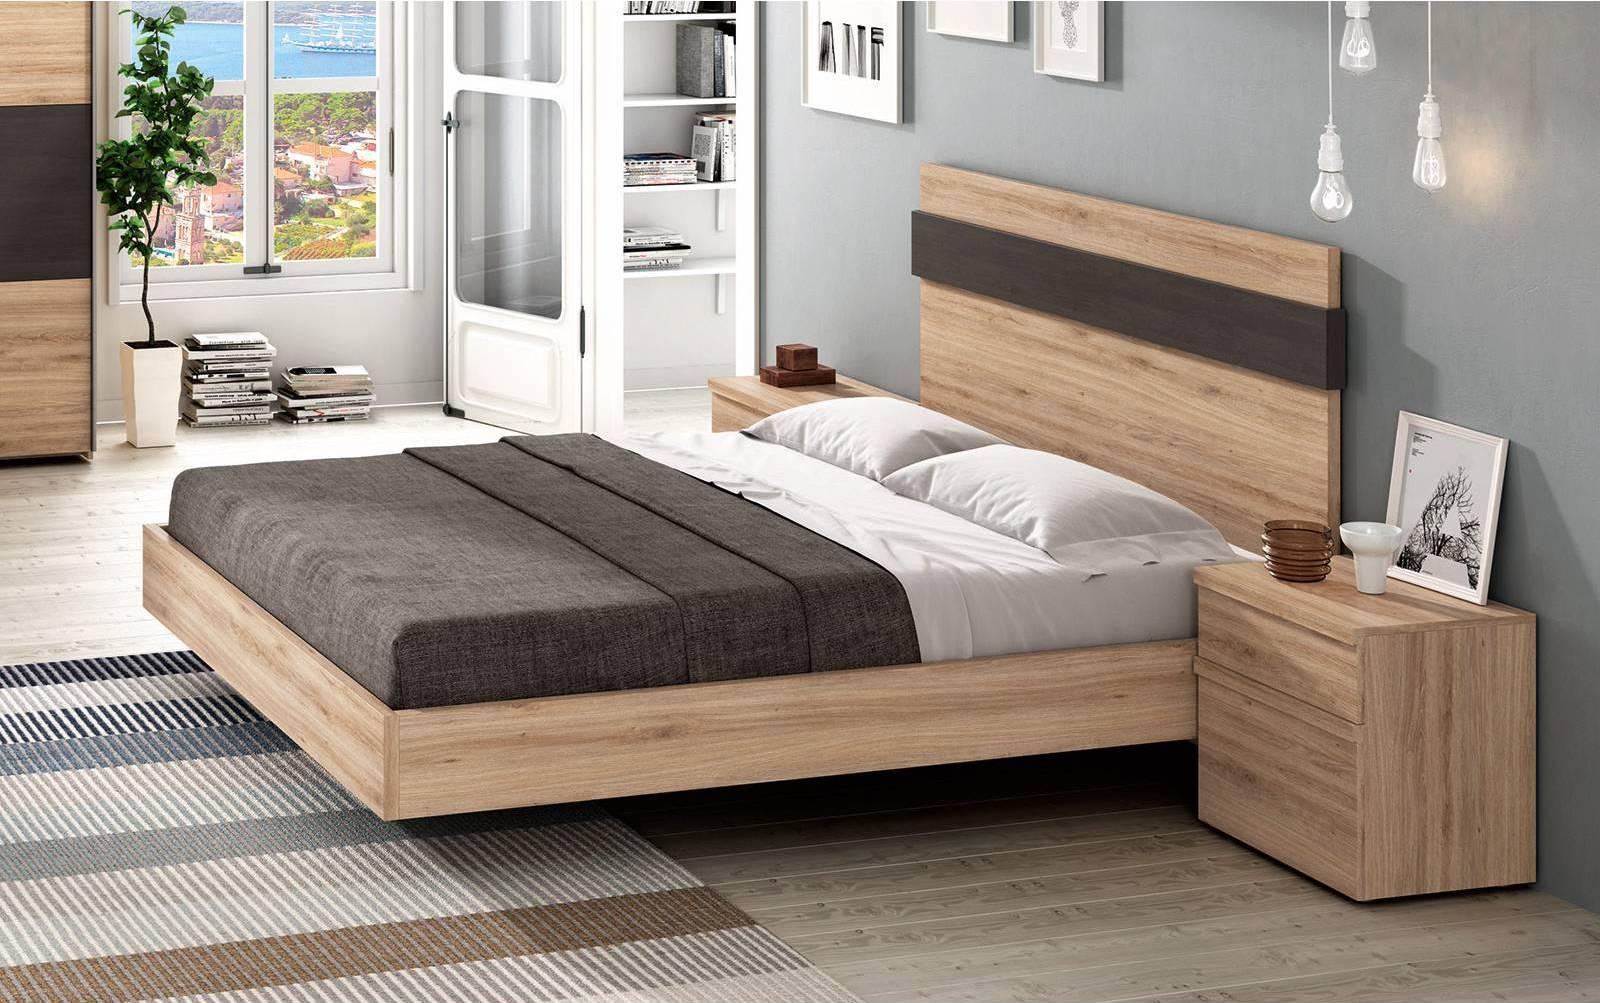 Dormitorios de matrimonio adaptables merkamueble prodecoracion - Armarios de dormitorio merkamueble ...